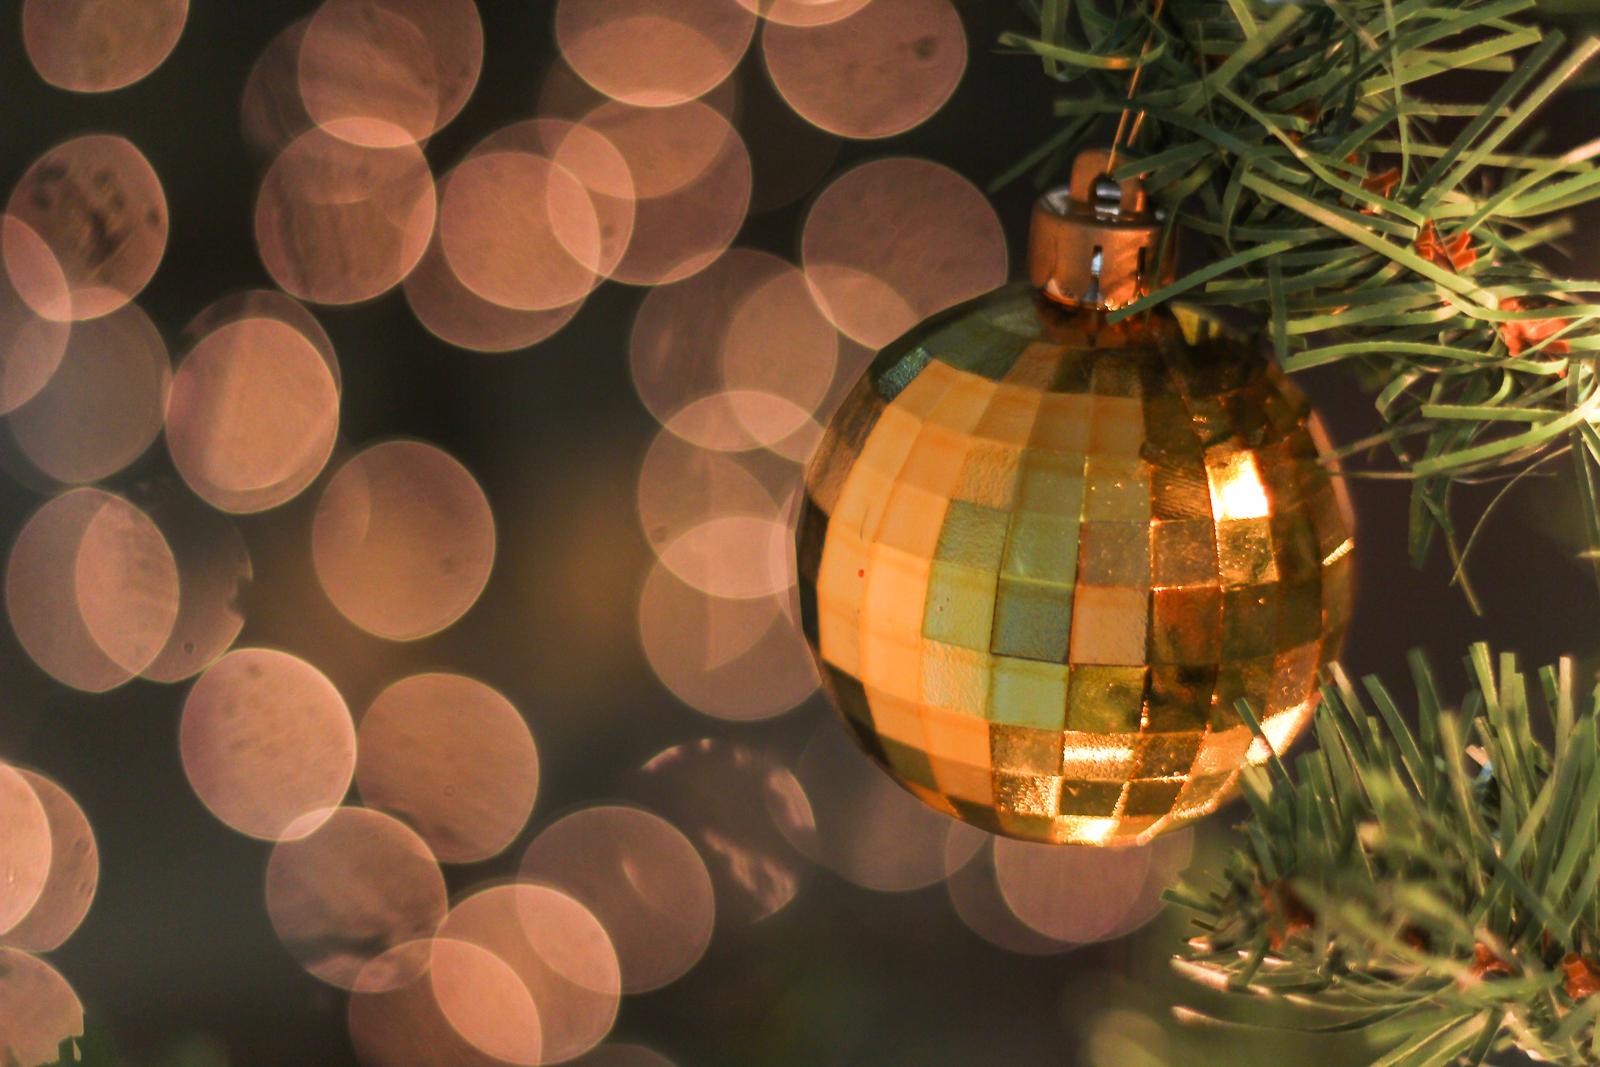 Weihnachtsbeleuchtung Zubehör.Hintergrundbilder Kugel Laterne Weihnachtsbaum Mexiko